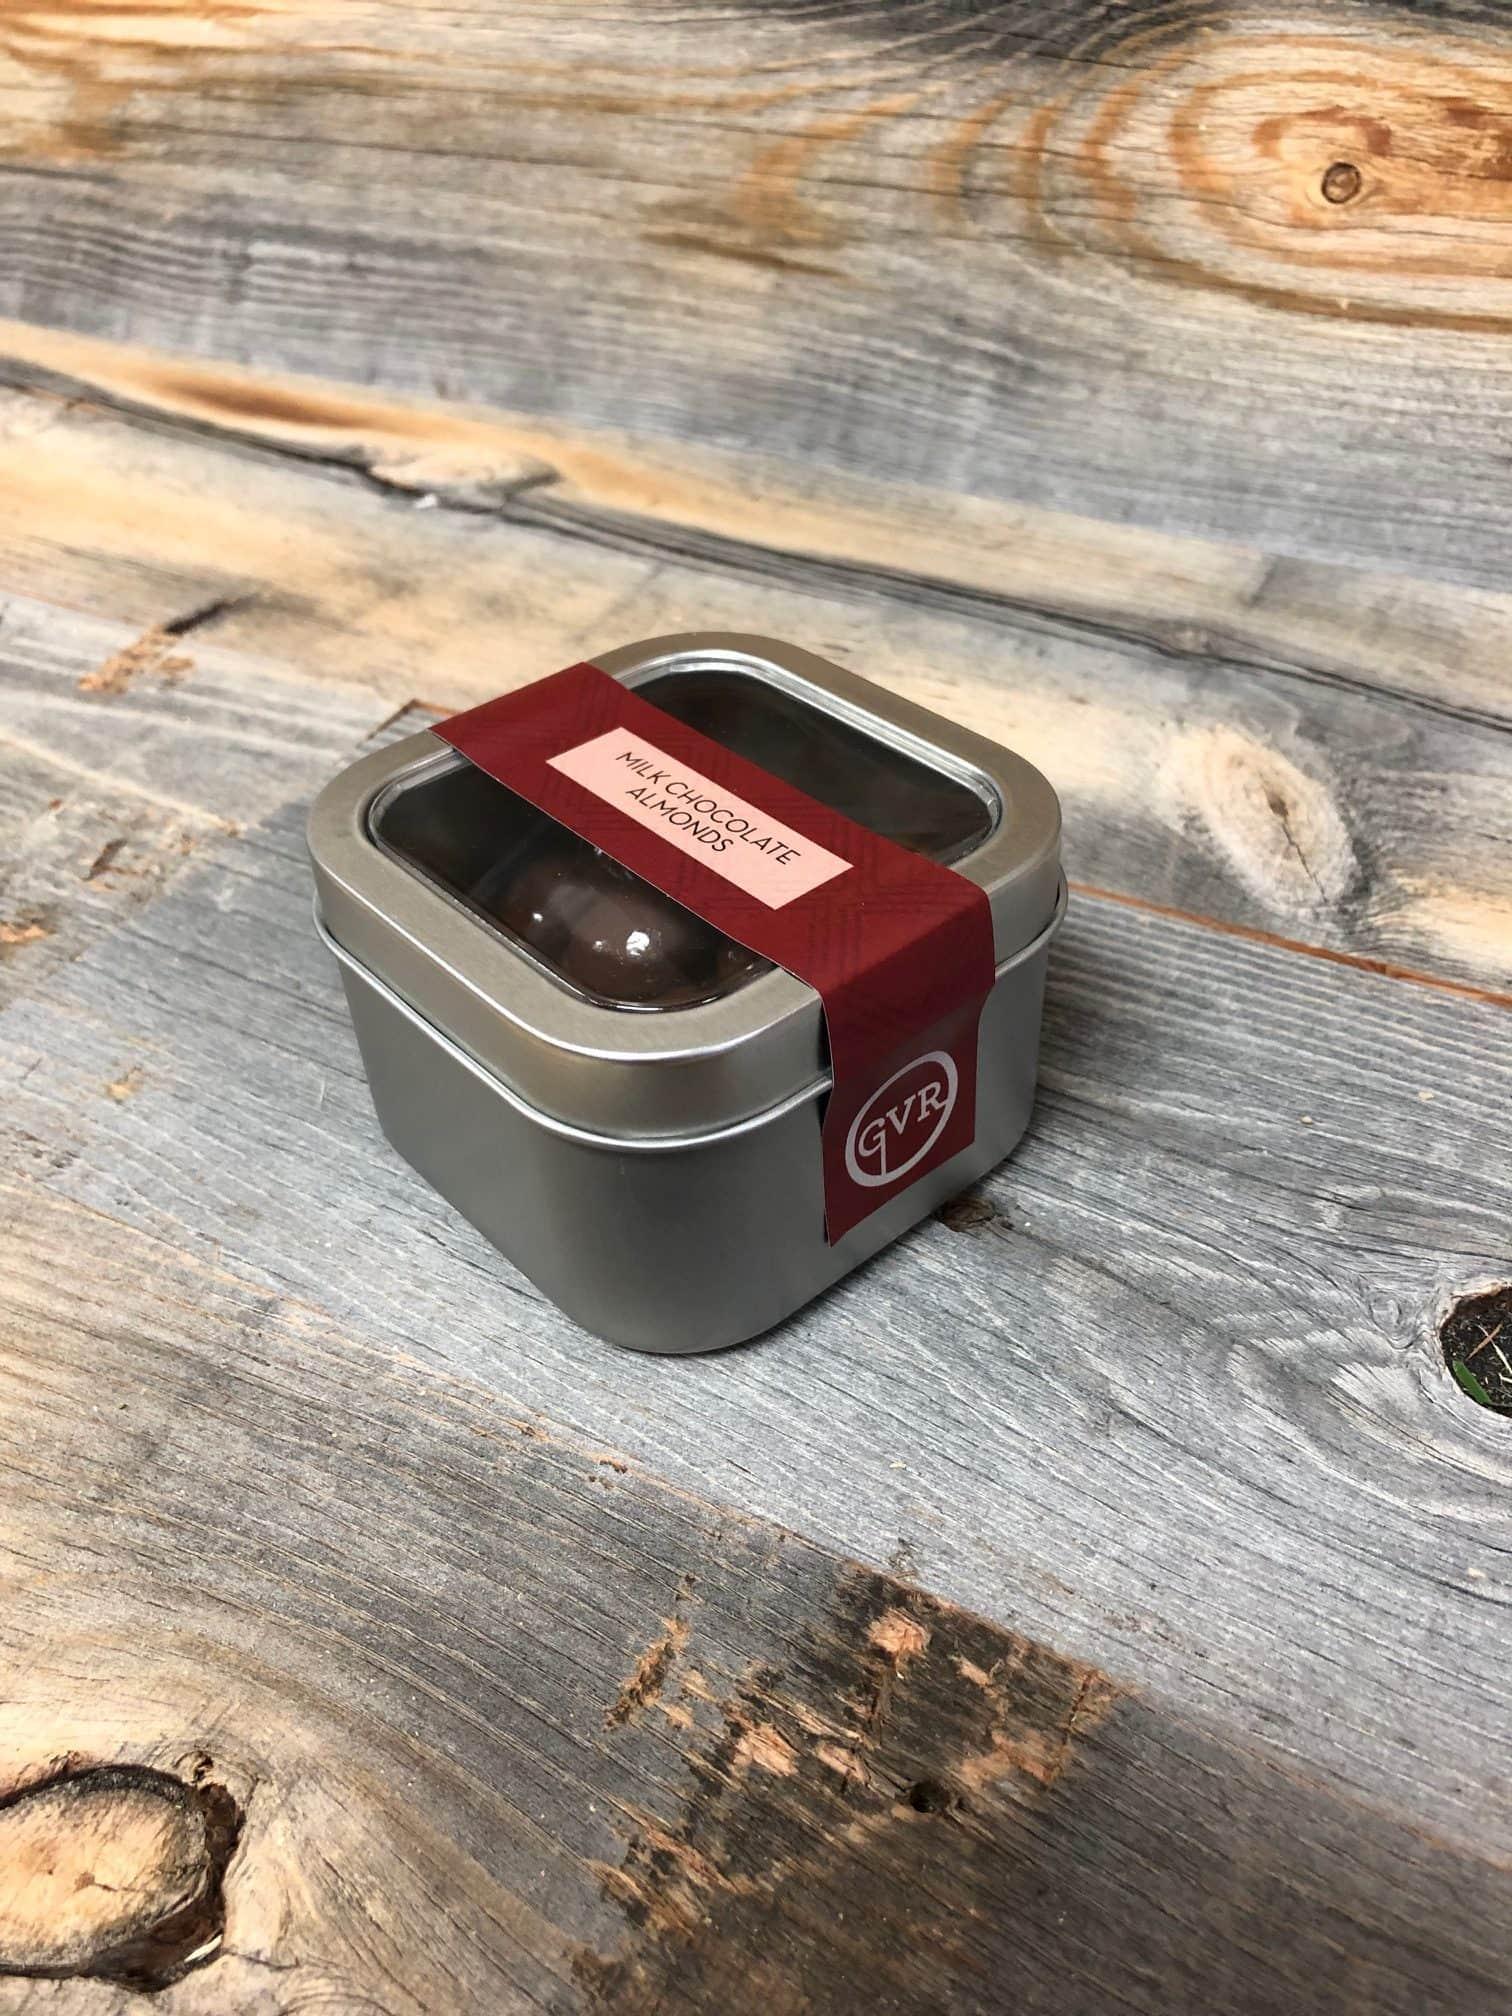 Minibar Snack Item